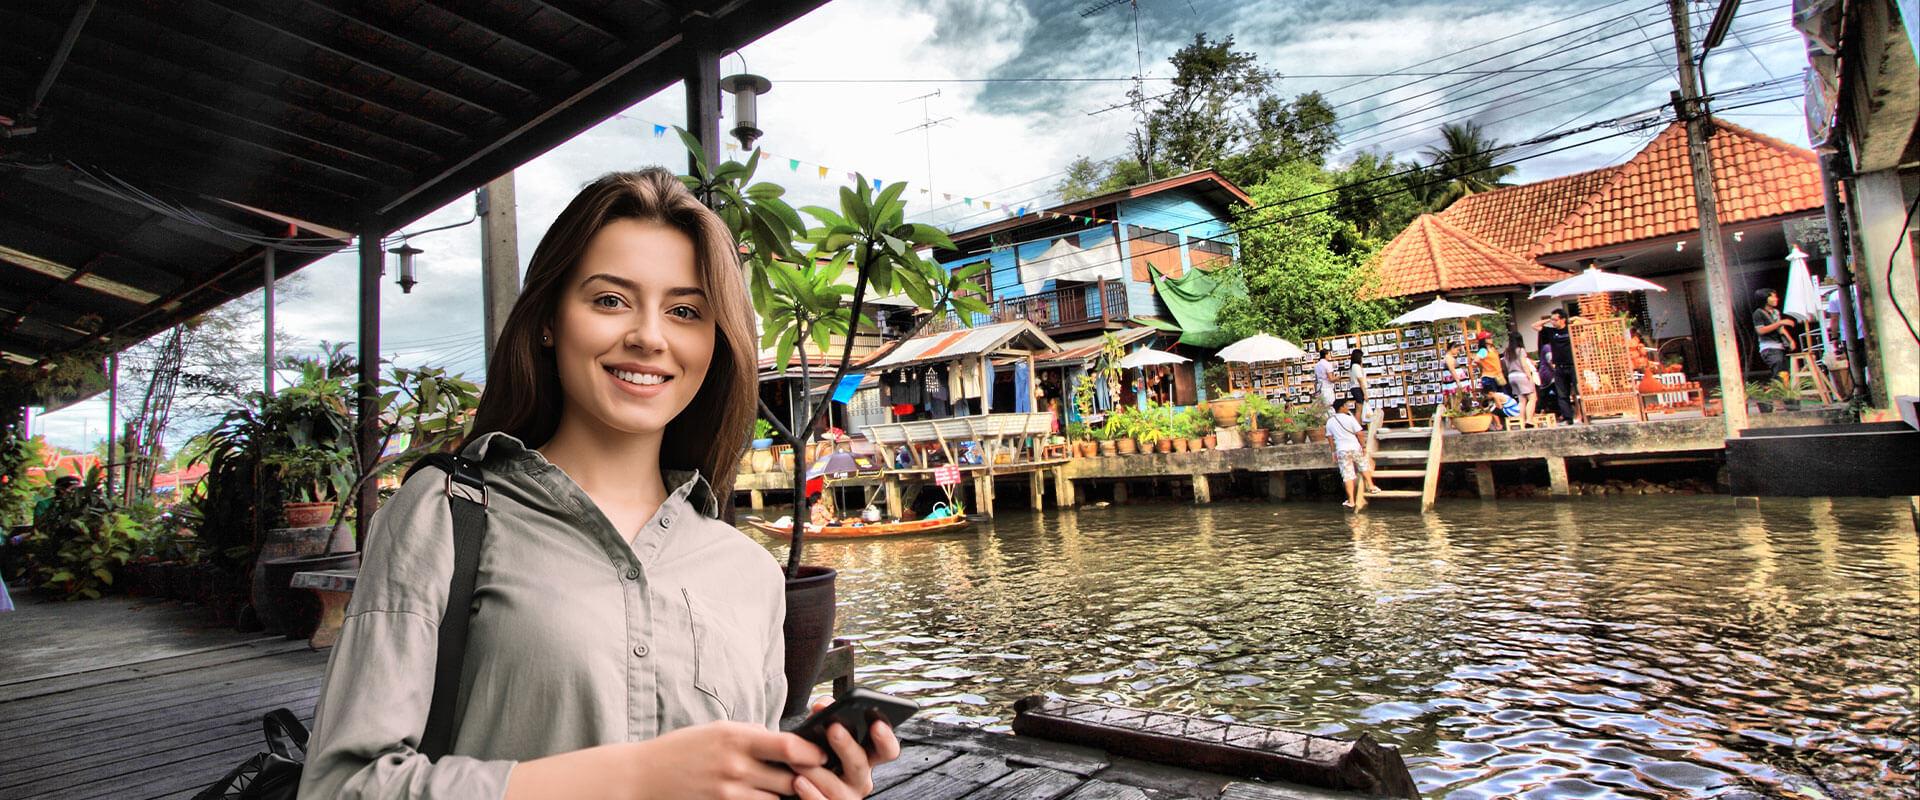 Auslandskrankenversicherung Studenten in Thailand